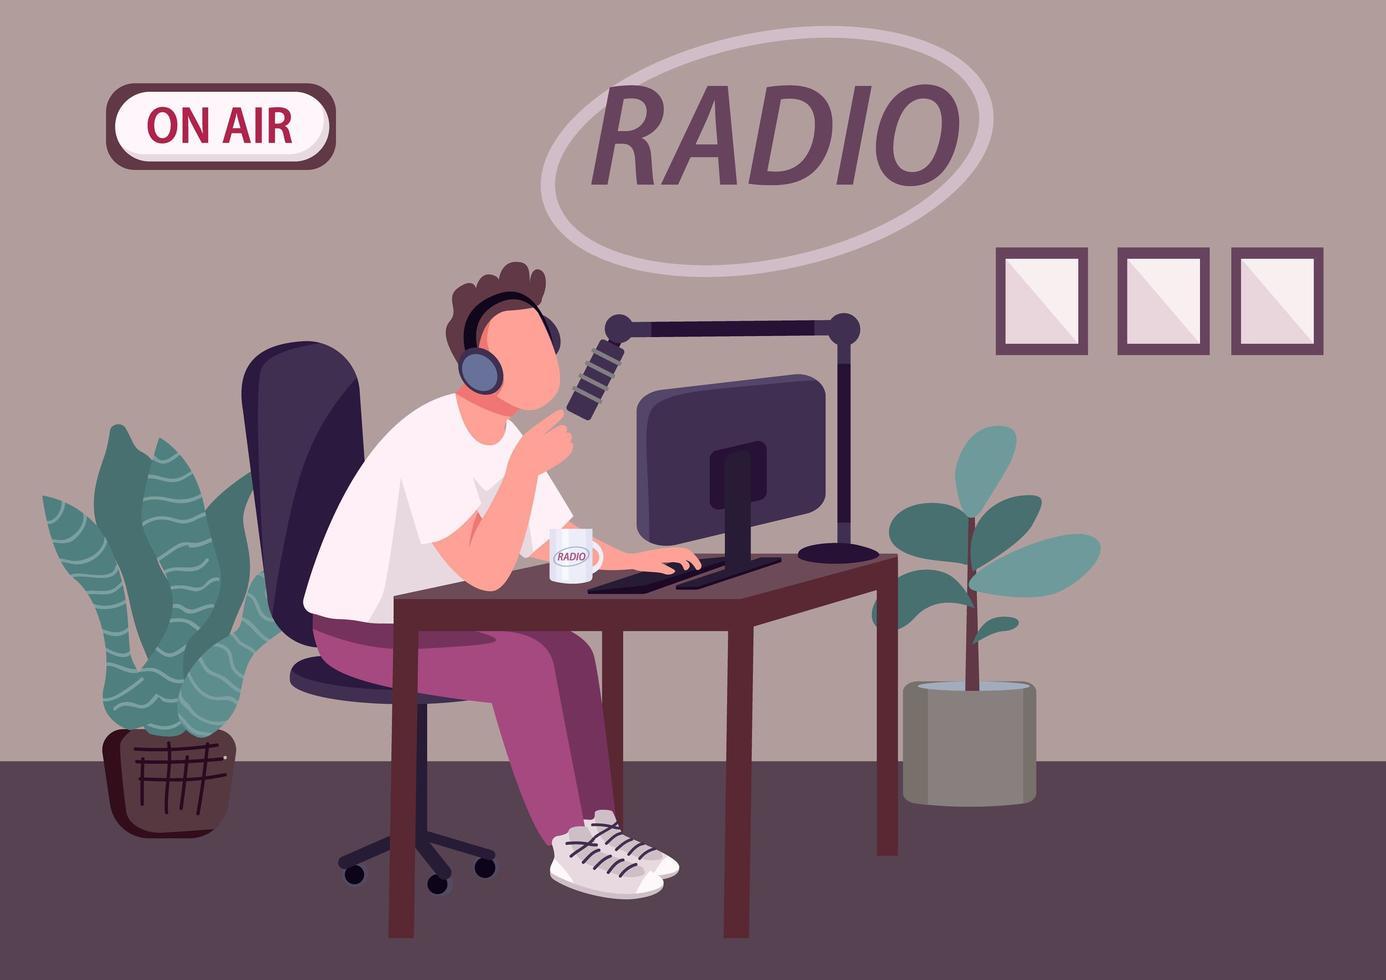 émission de podcast radio vecteur